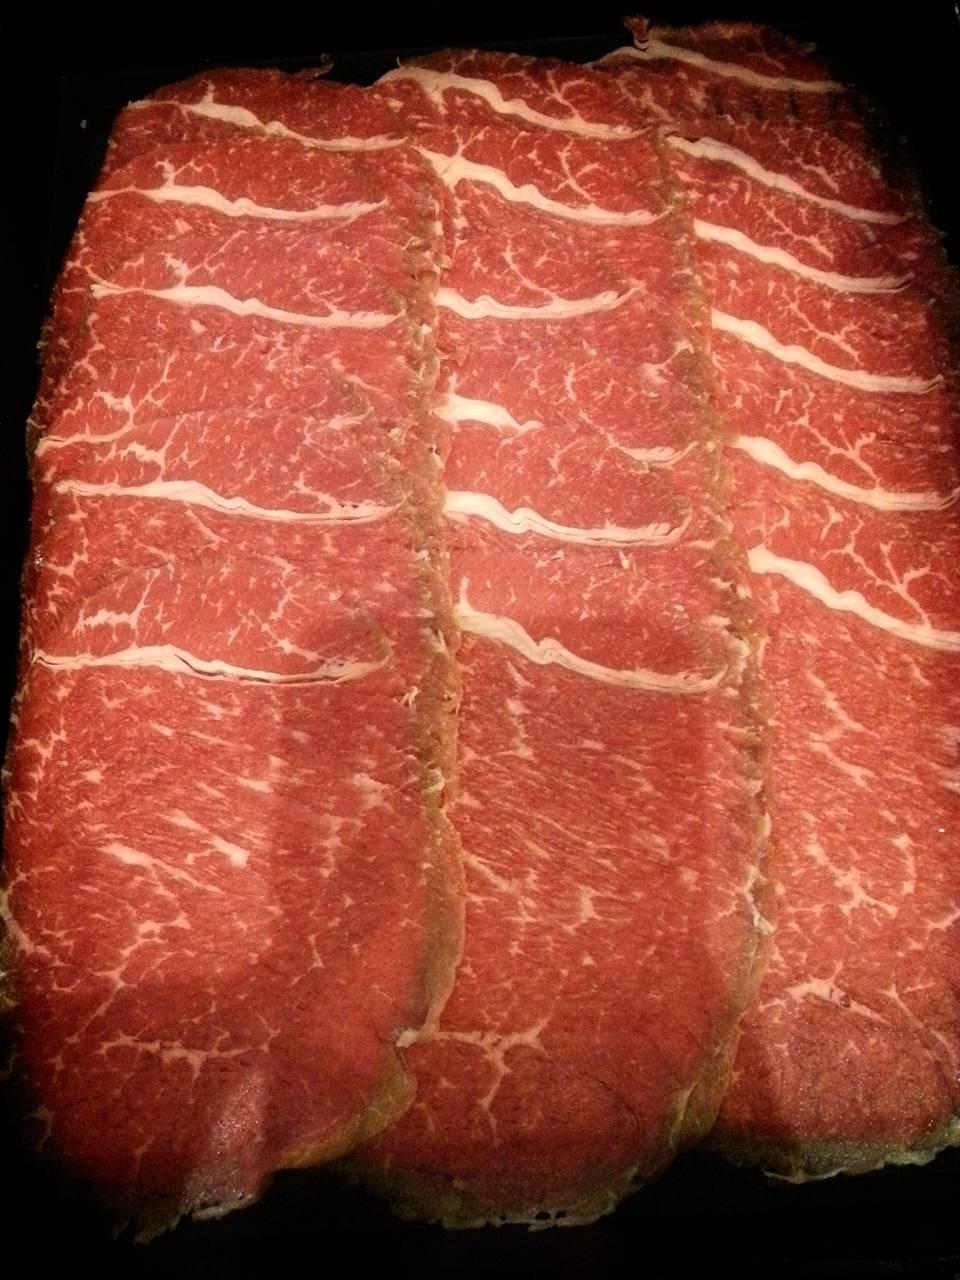 เนื้อวัวคือดีงามมาก